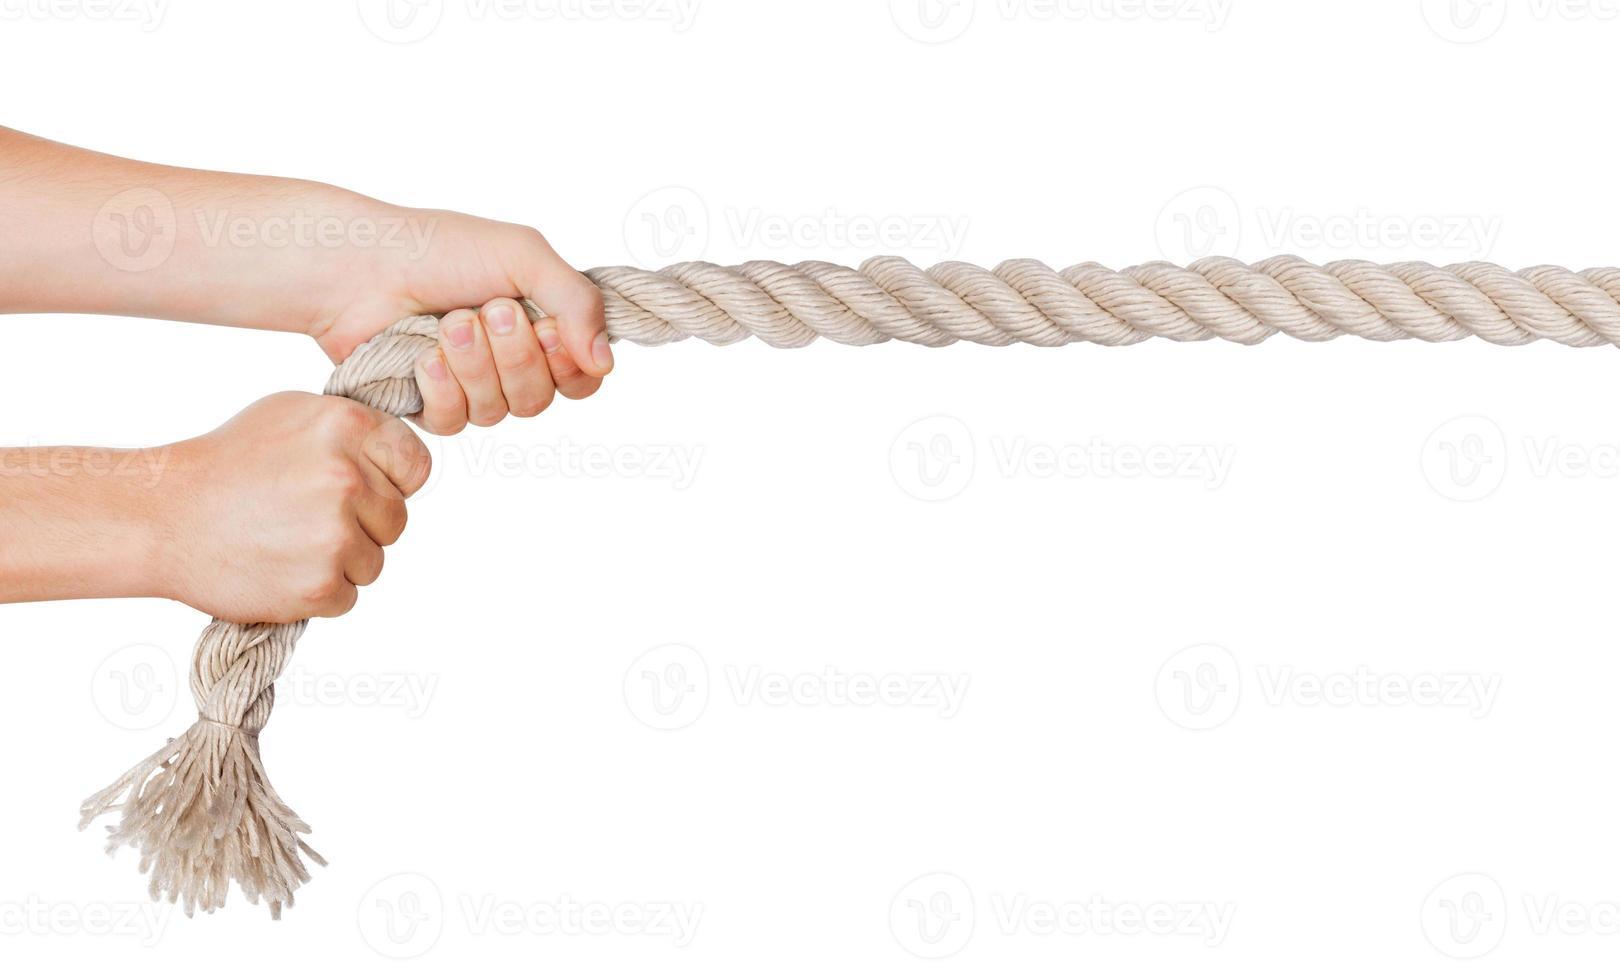 handen trekken een touw. geïsoleerde witte achtergrond foto